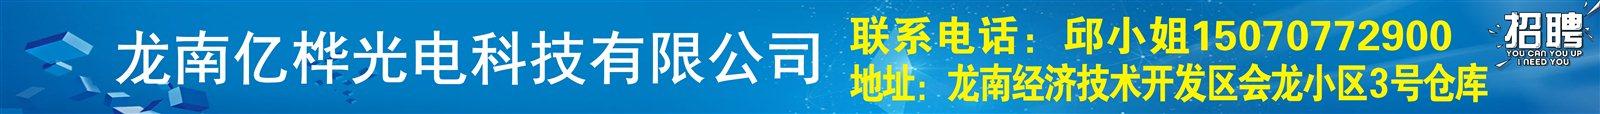 龍南億樺光電科技有限公司